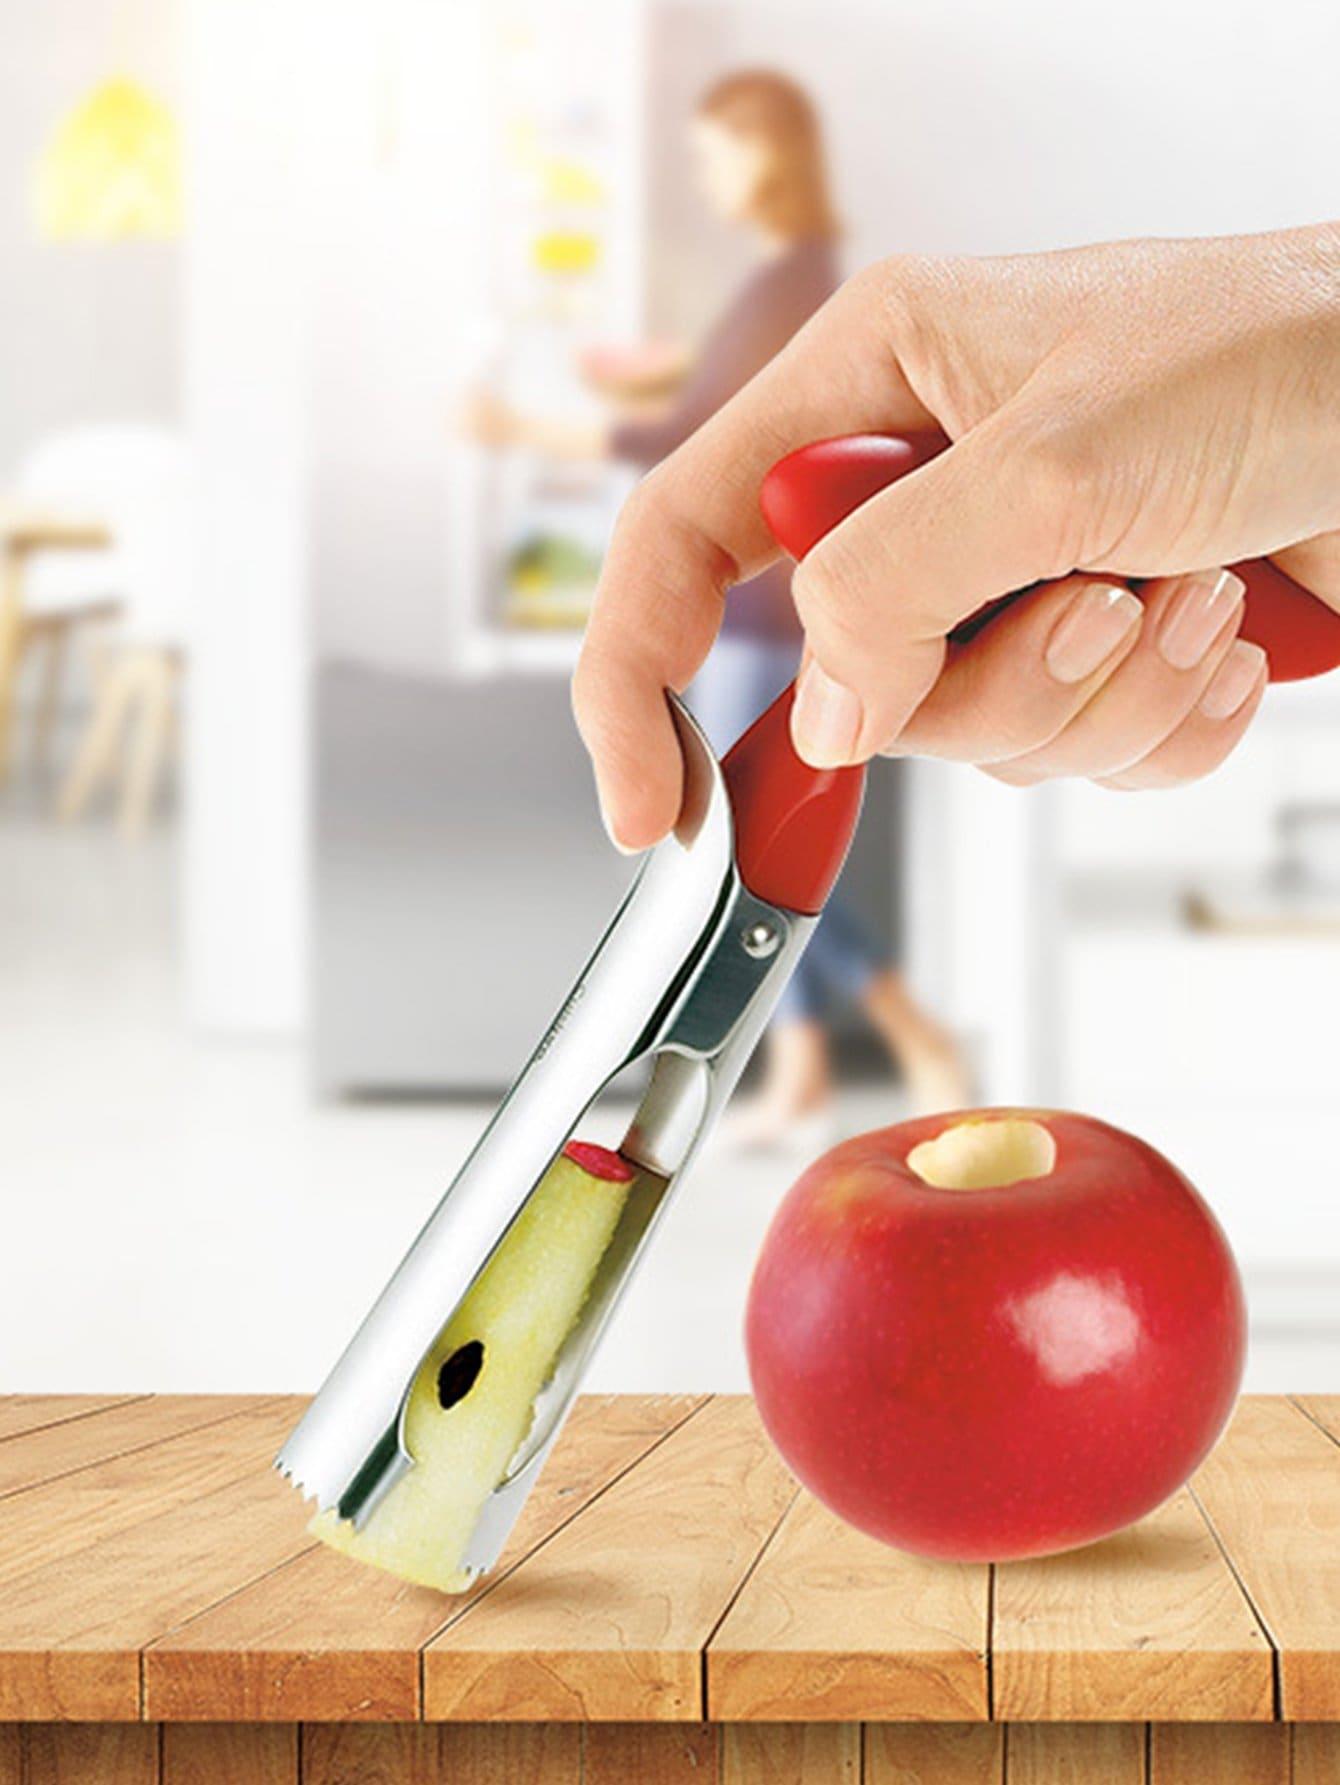 Купить Инструмент для очищаемый от ядро яблока из нержавеющей стали, null, SheIn